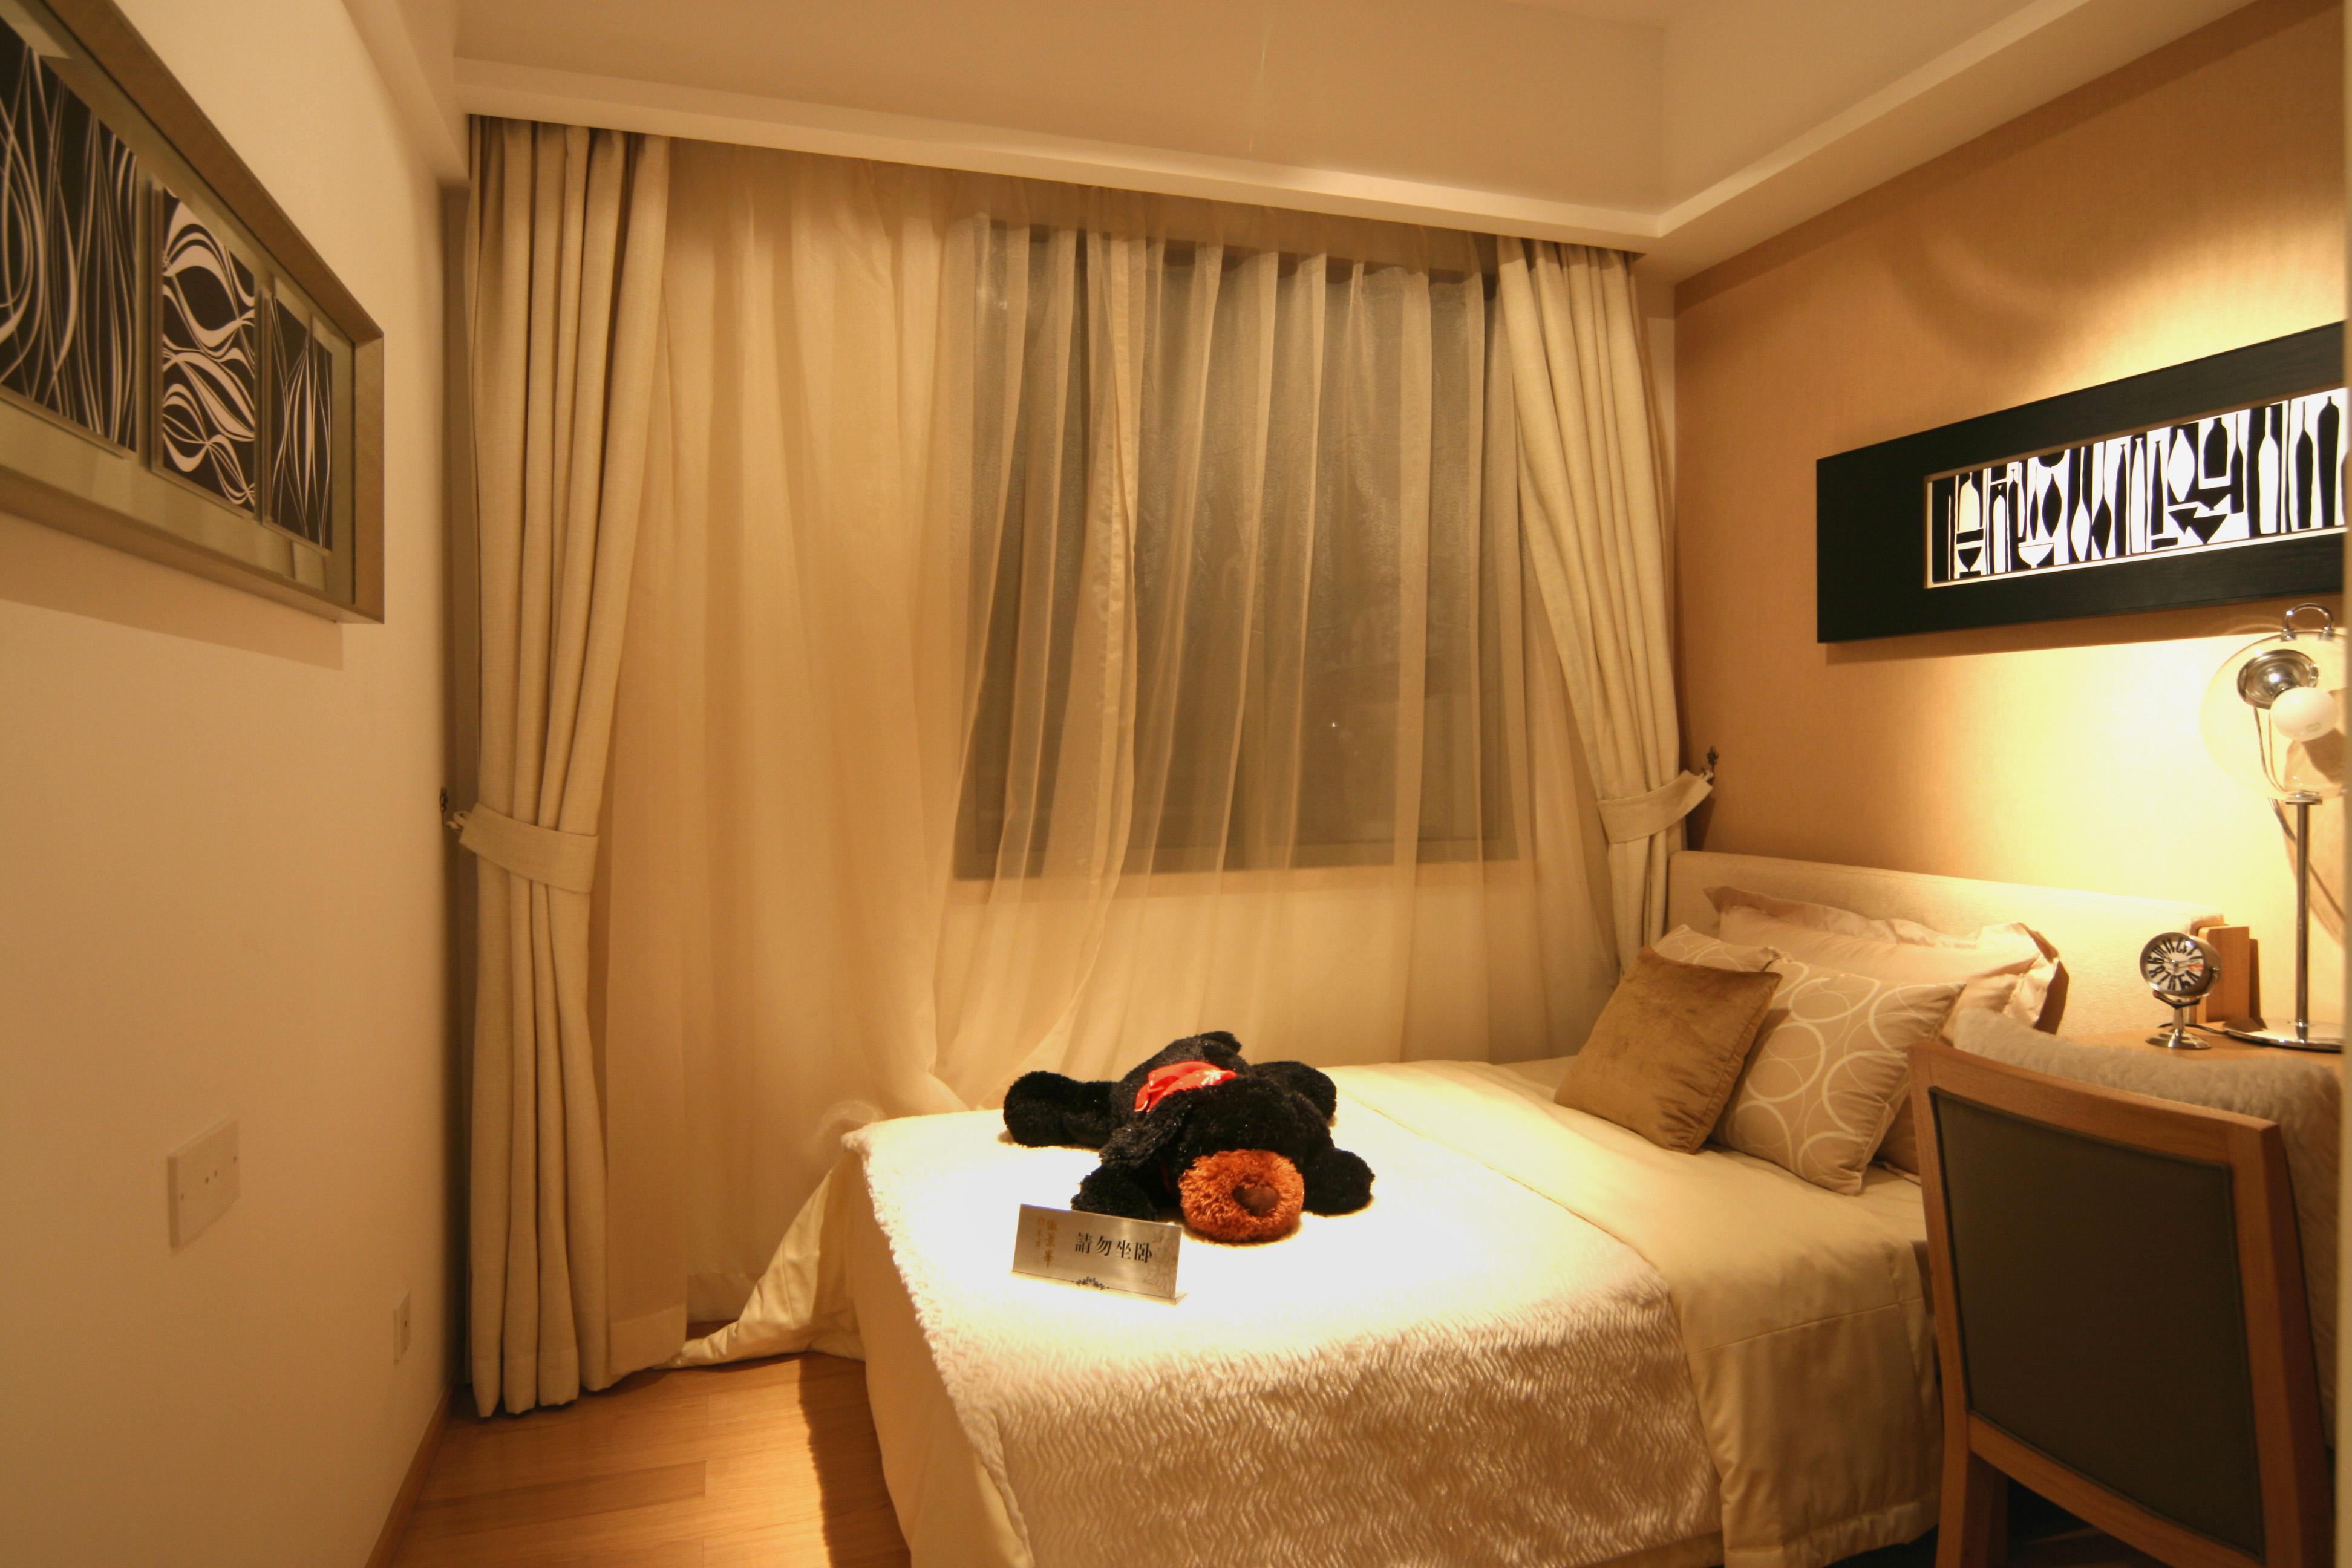 9平米的卧室怎么装修效果图